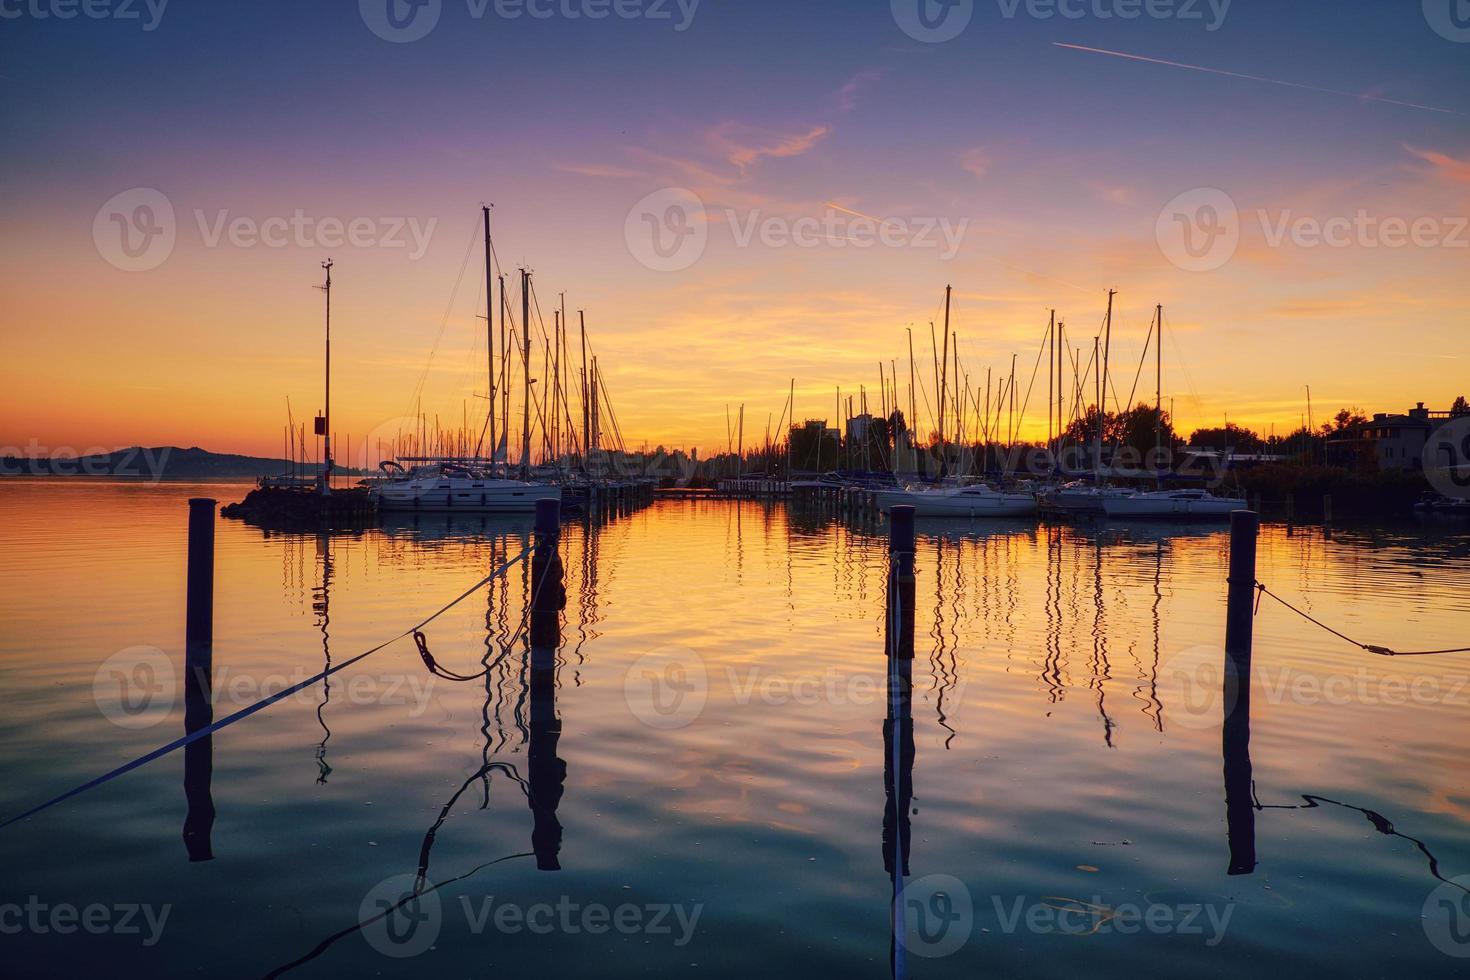 båtar vid brygga solnedgång foto